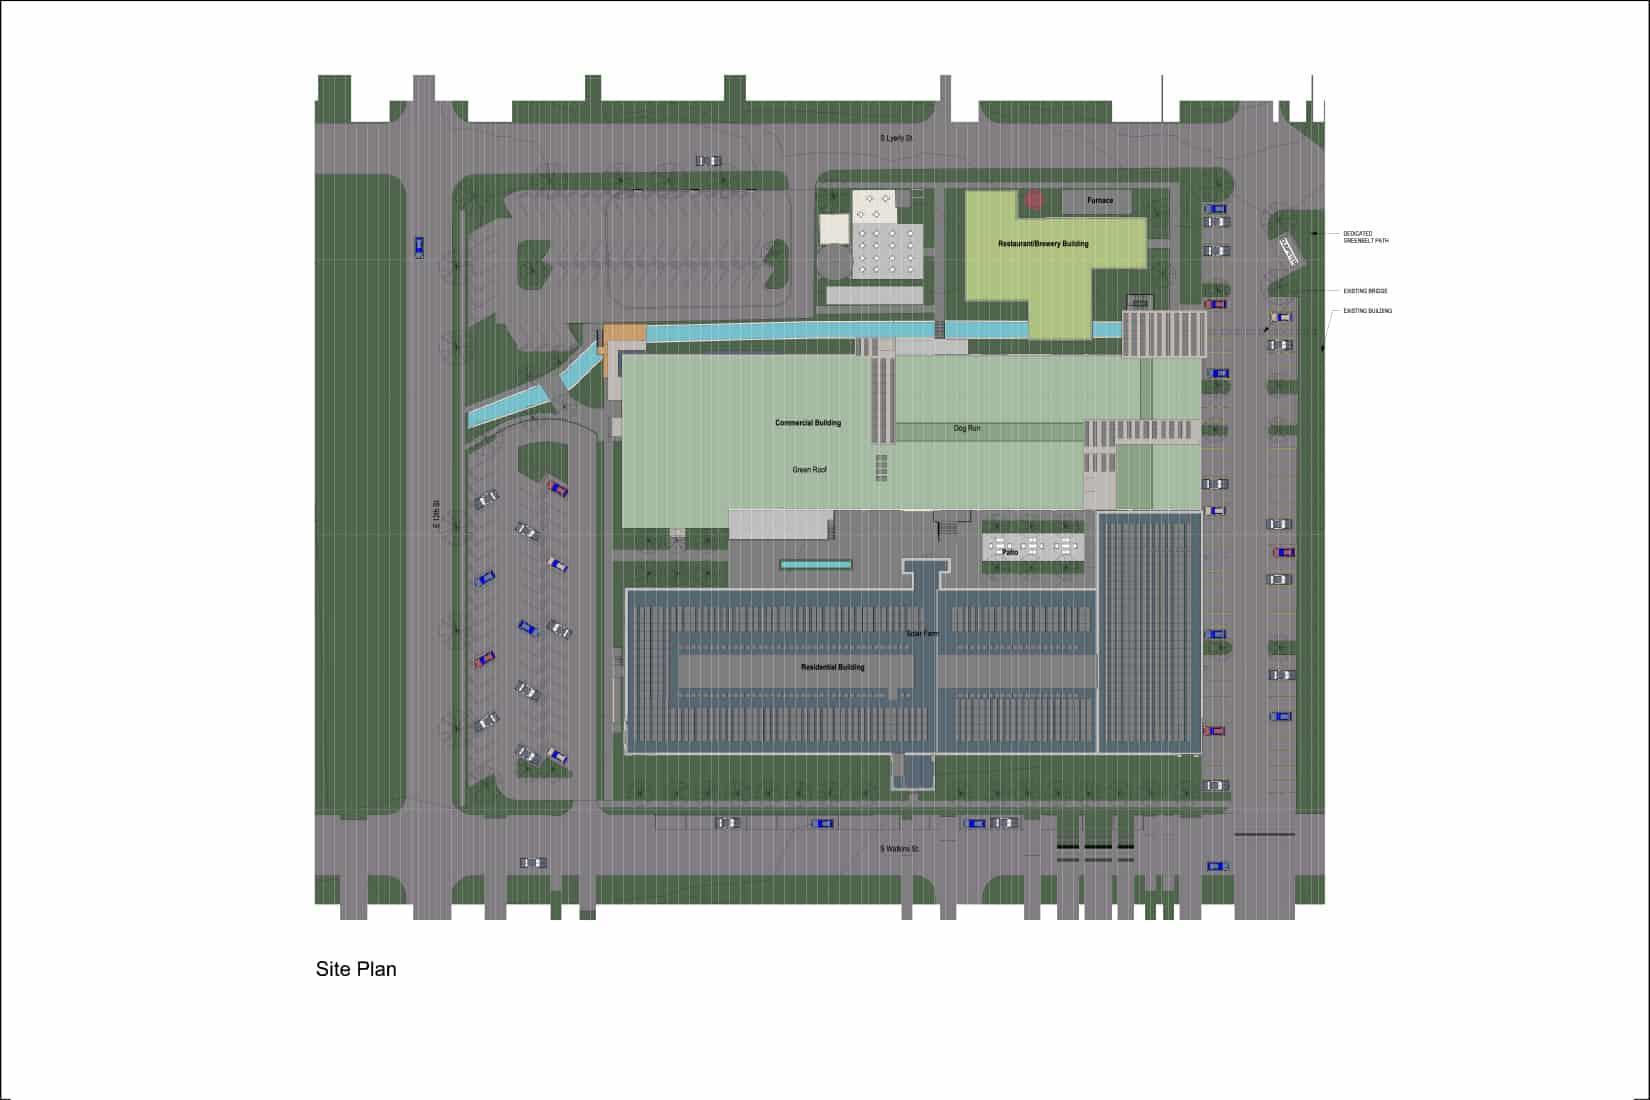 191016_18-035_Ridgedale-Mill-Site-Plan